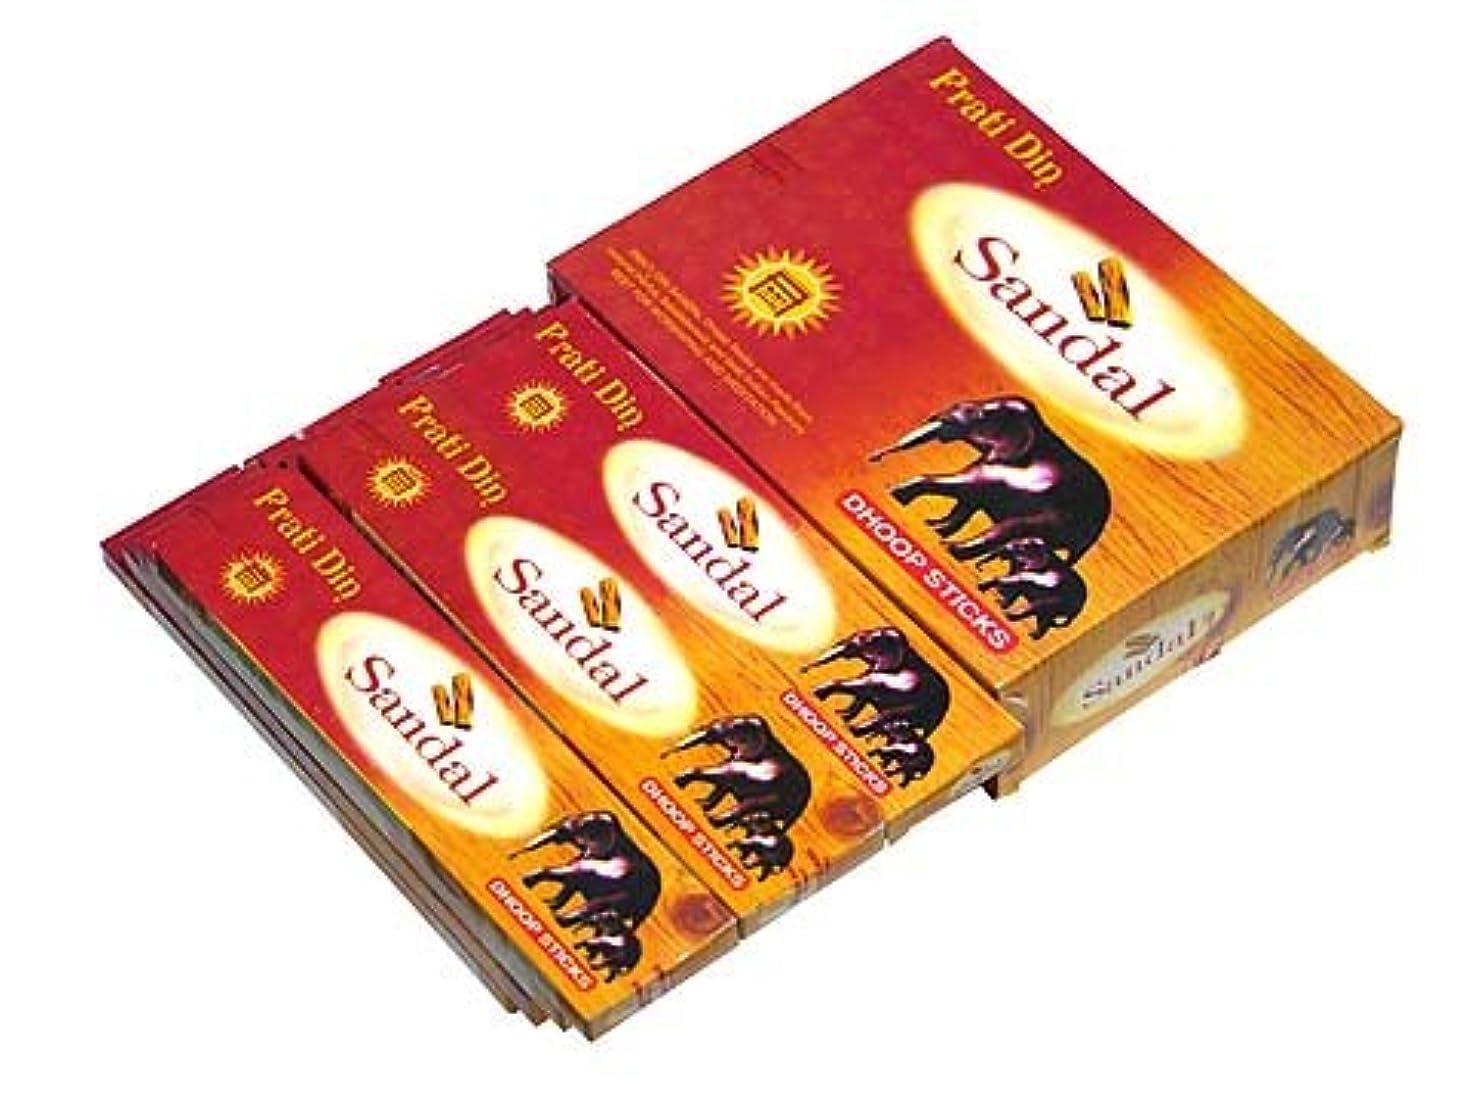 対データやさしくA-RAVI RAG(エーラビ ラグ) サンダル香 レギュラーボックス スティック SANDAL REG BOX 12箱セット